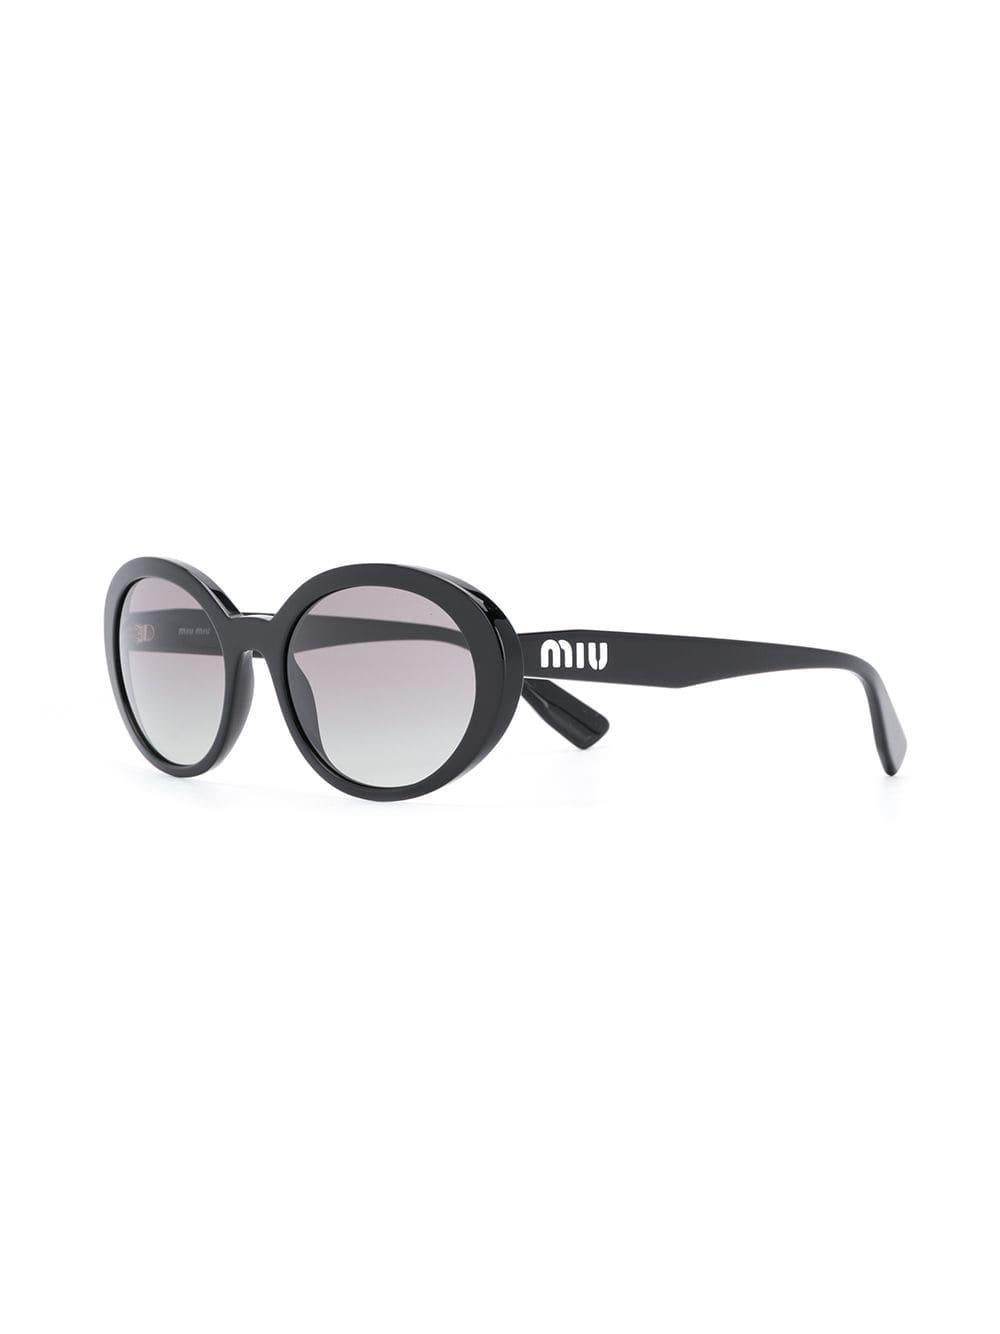 8d6e03d2eb4 Miu Miu - Black Round Frame Sunglasses - Lyst. View fullscreen